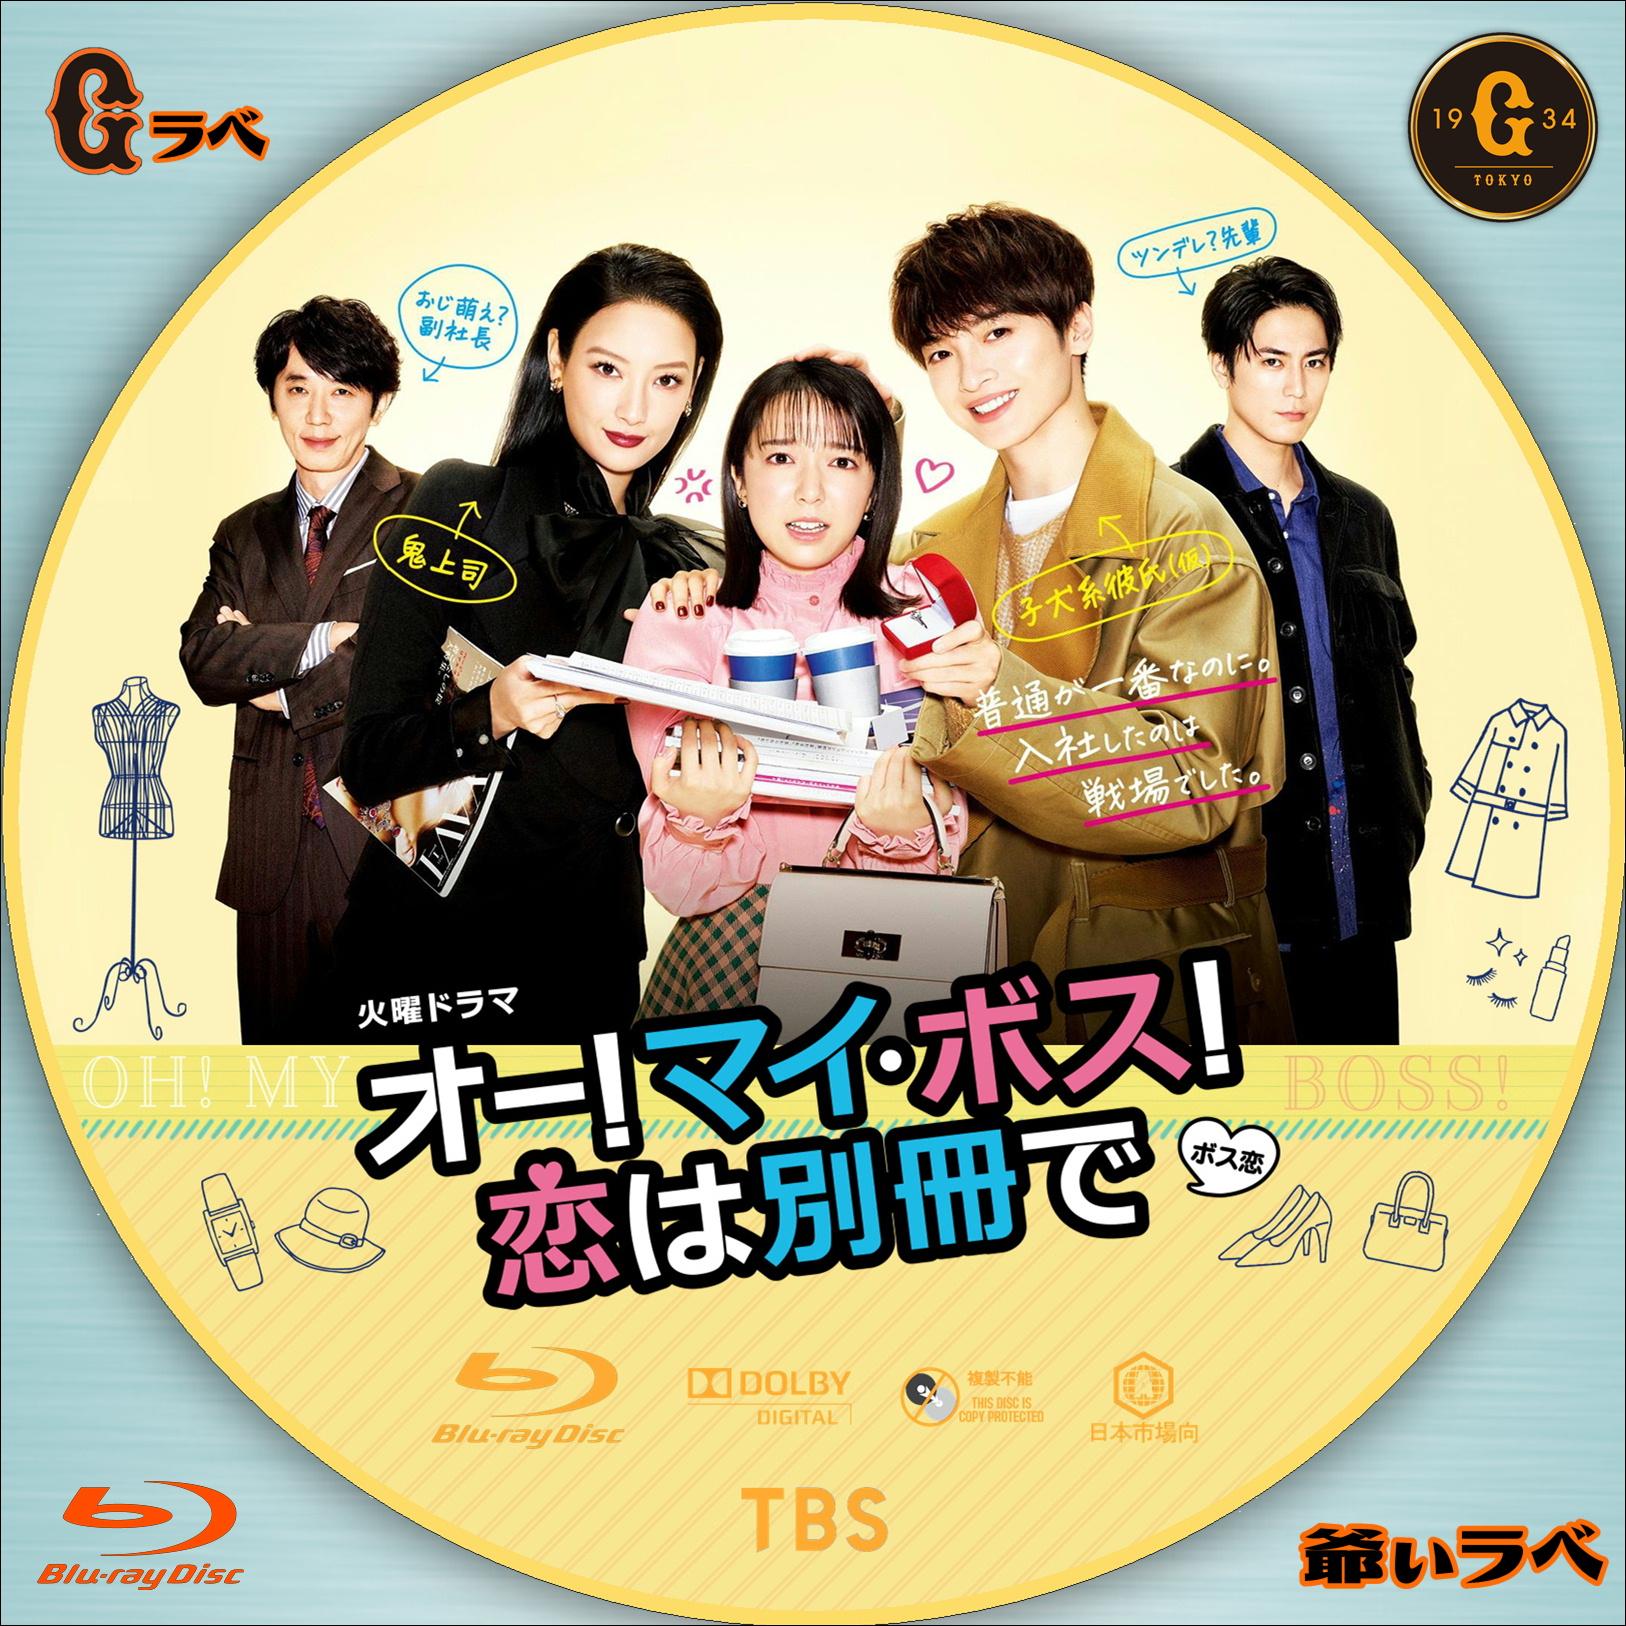 オー!マイ・ボス! 恋は別冊で(Blu-ray)